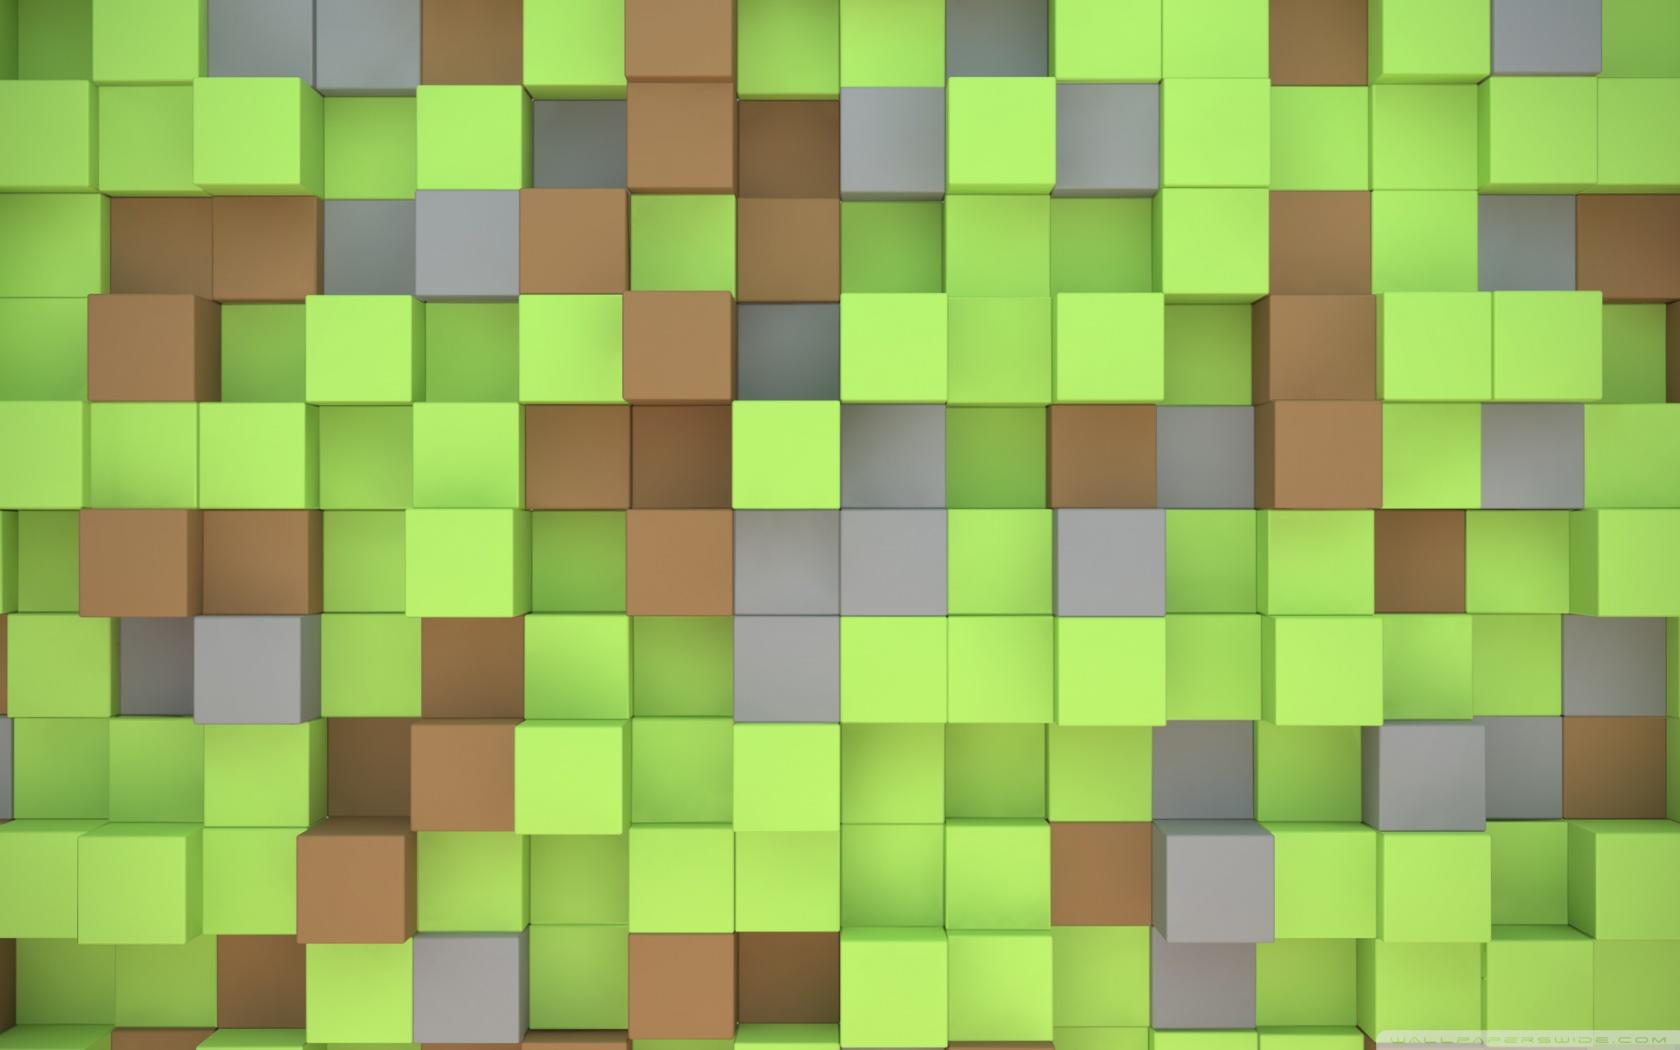 Cubes 3d Wallpaper Minecraft Cubes 4k Hd Desktop Wallpaper For 4k Ultra Hd Tv